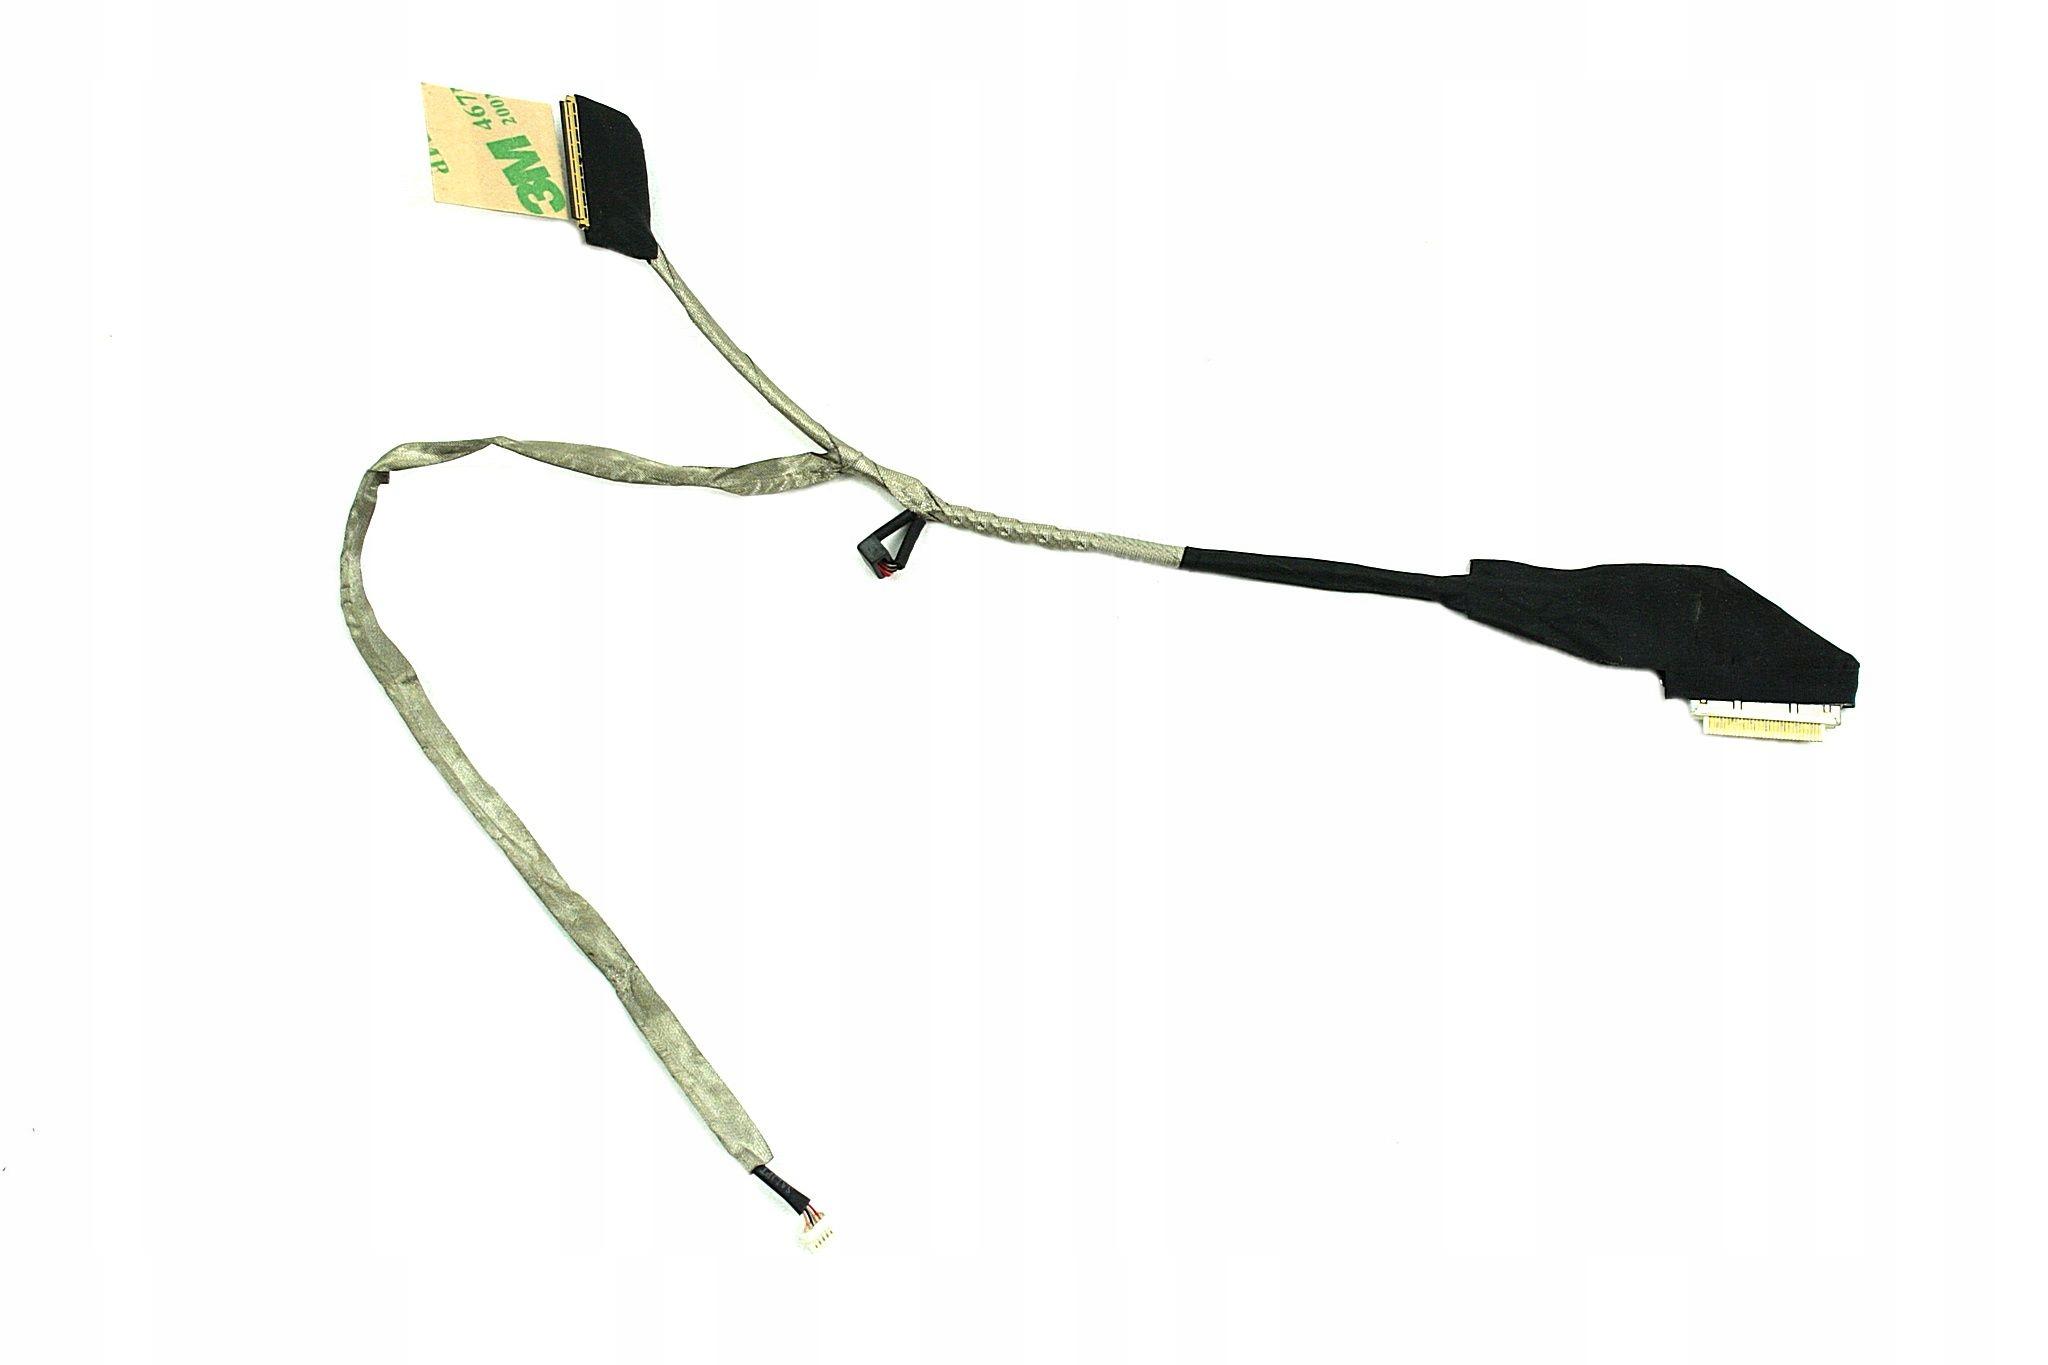 TAŚMA LCD MATRYCY ACER ASPIRE ONE 722 AO722 DC020018U10 - Taśmy i inwertery